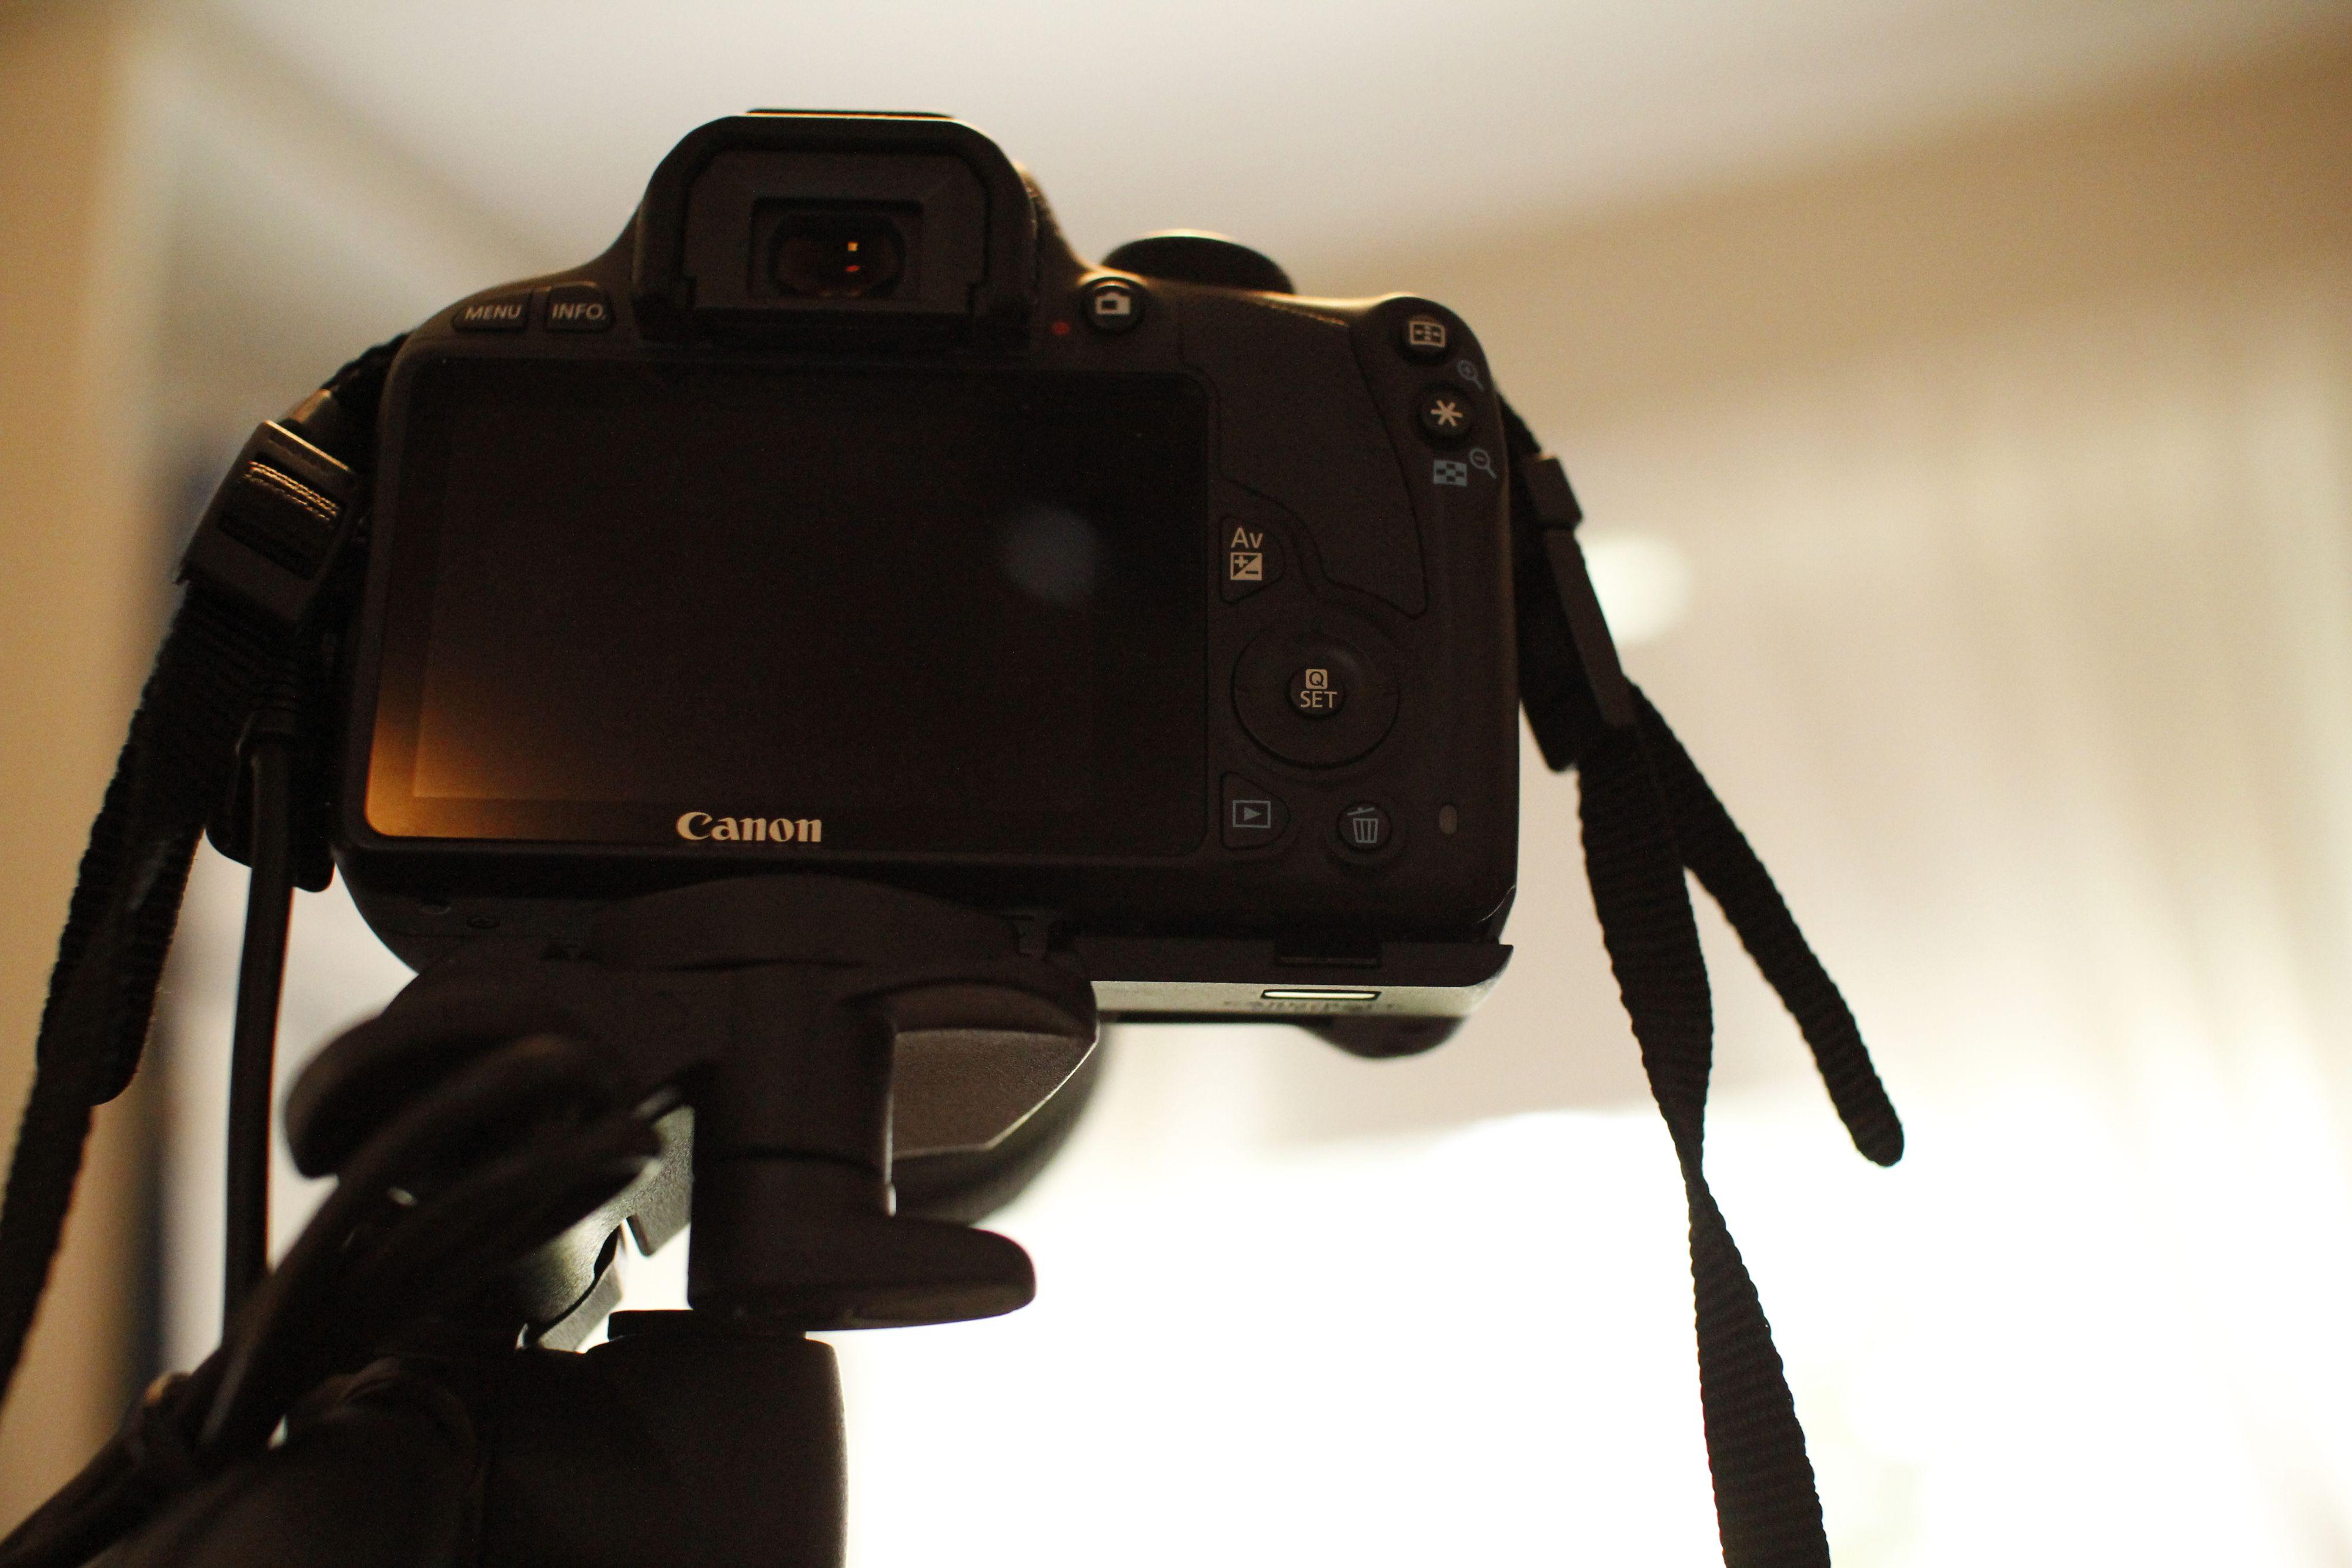 Med kameraet på stativ får man ikke tilgang til batteri eller minnekort. Foto: Paal Mork-Knutsen, Akam.no